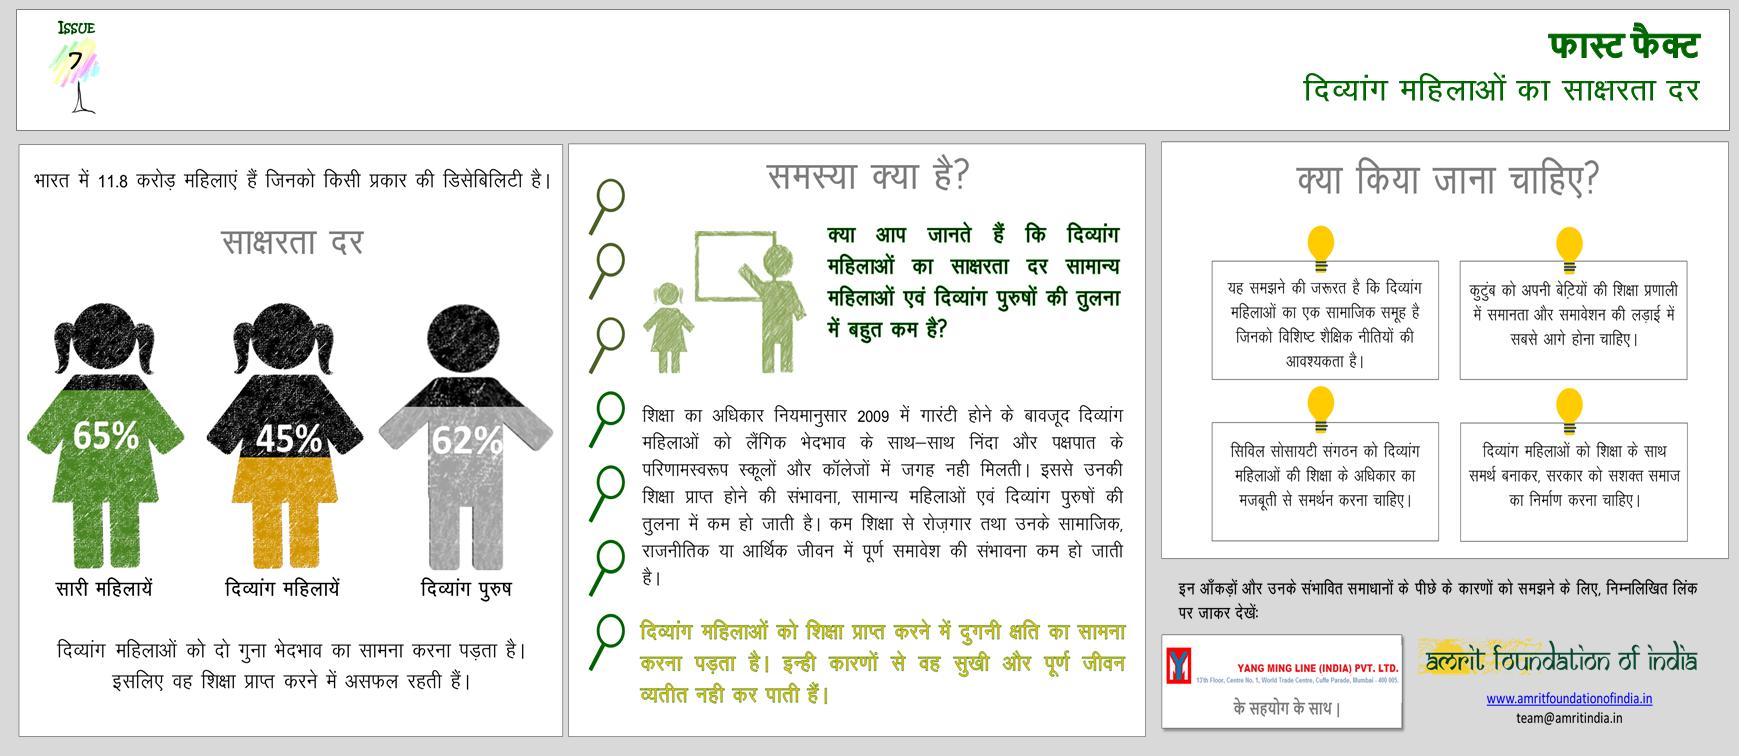 fast-facts-7_hindi